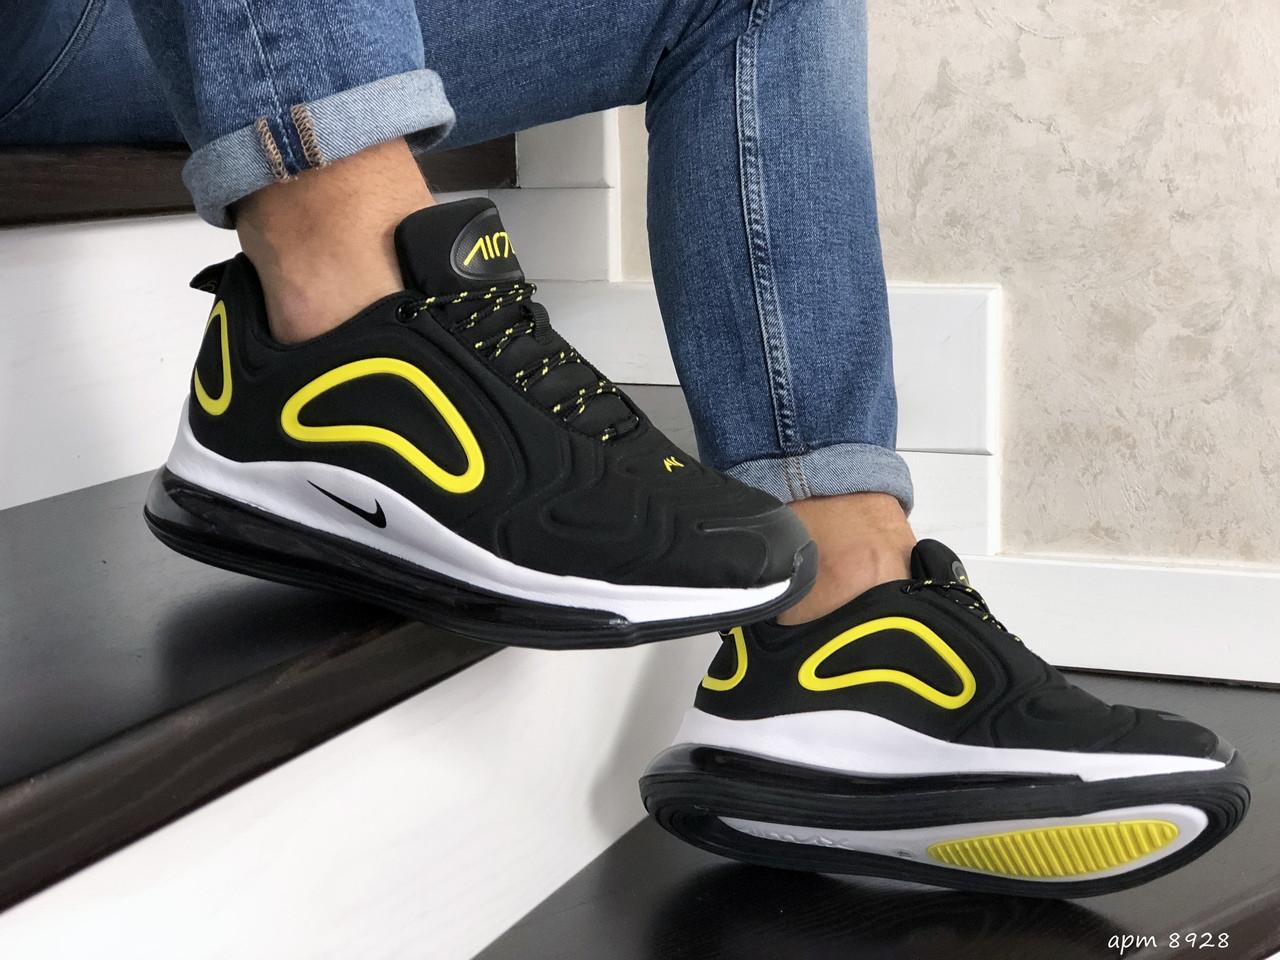 Мужские кроссовки Nike Air Max 720 (черно-белые с желтым) 8928